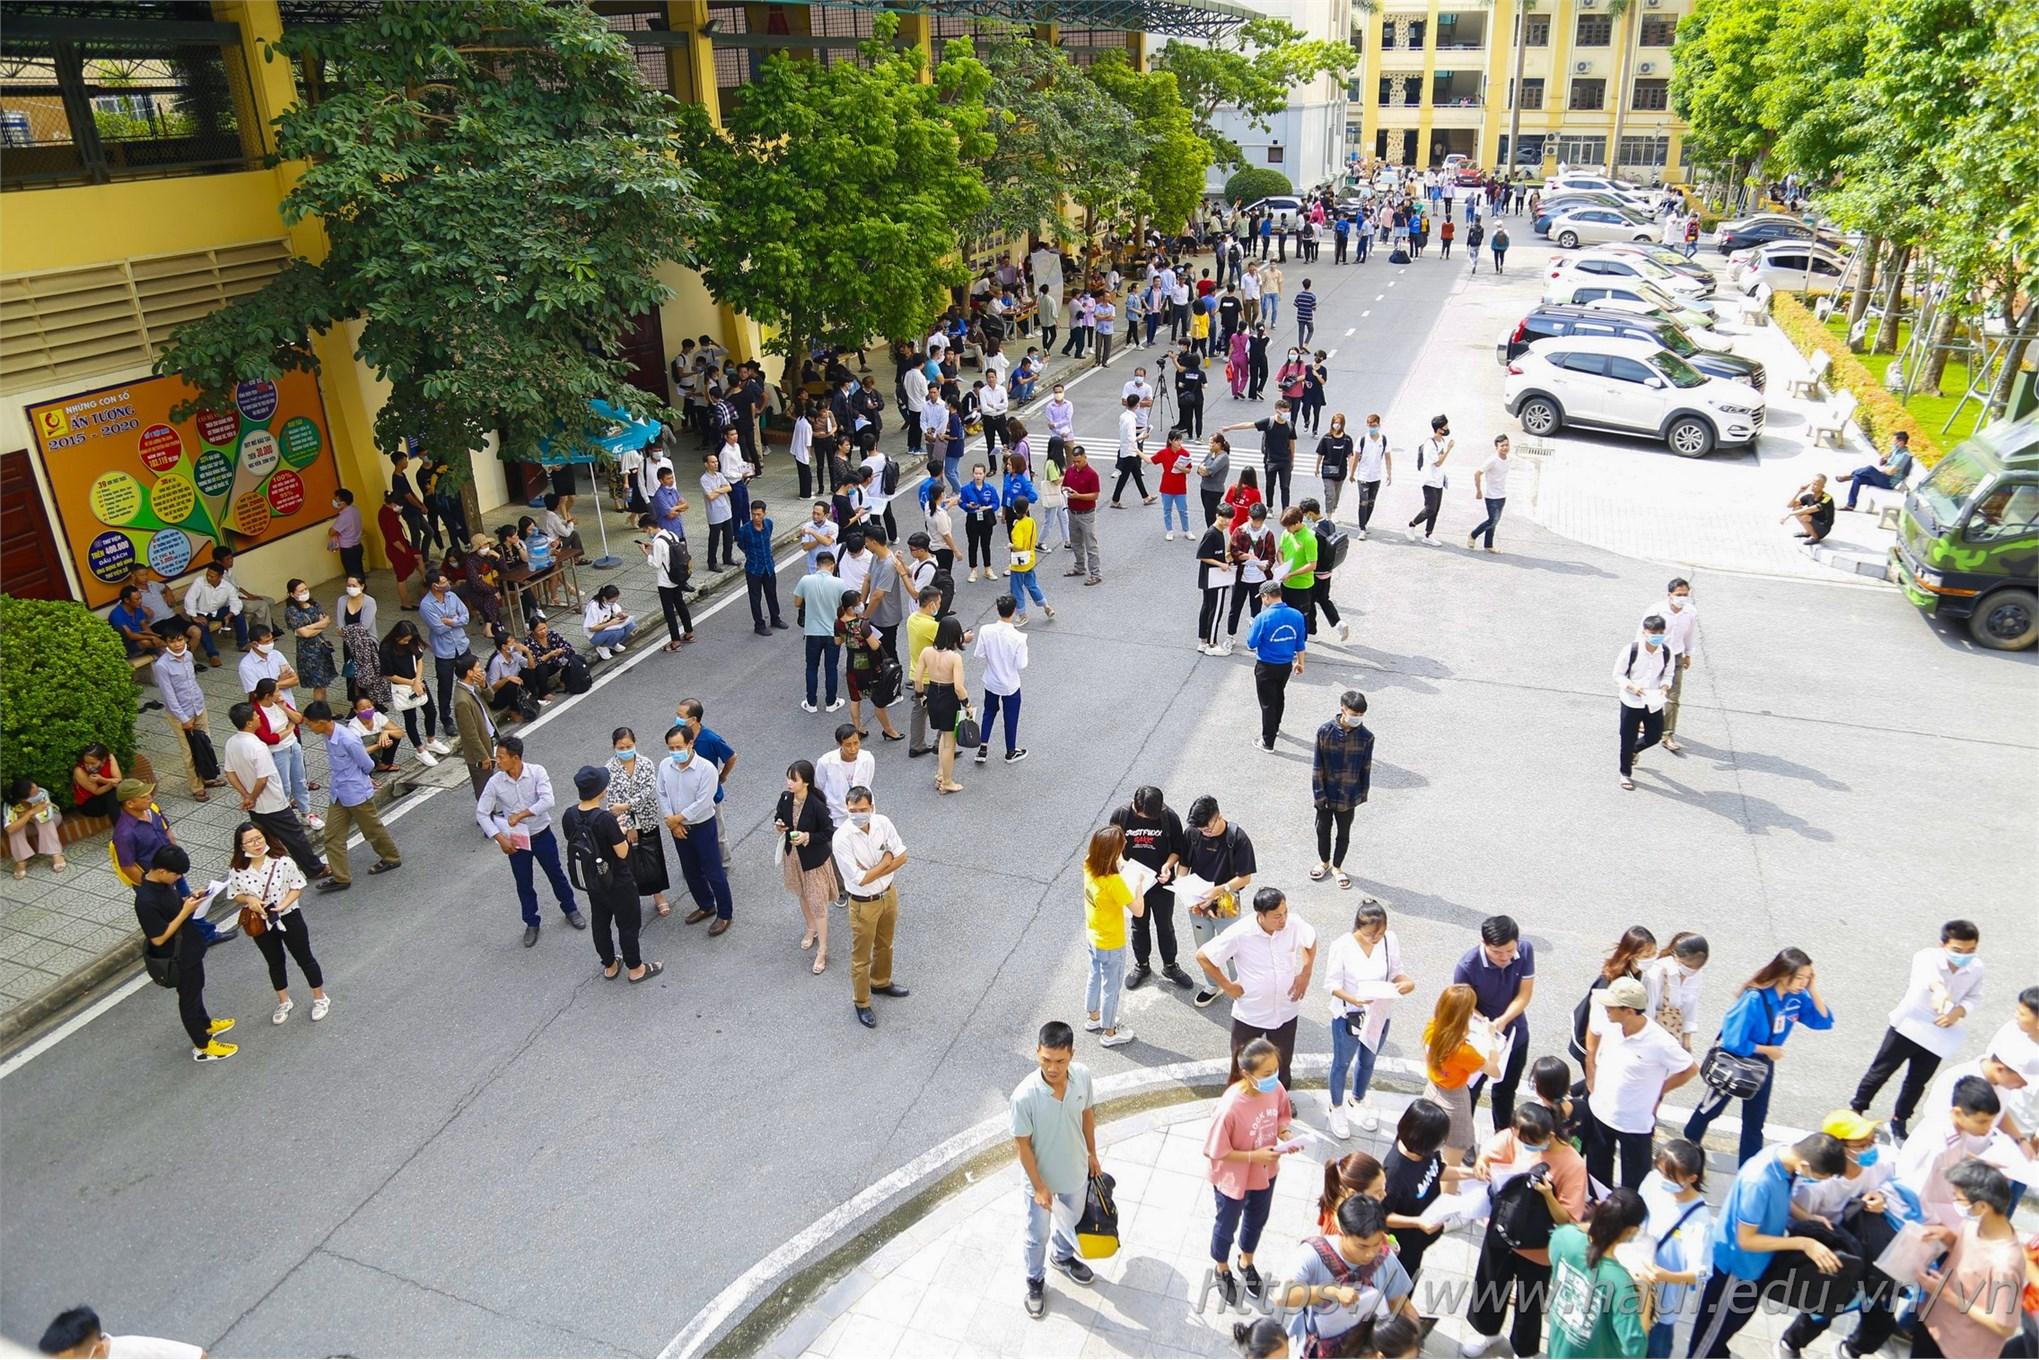 Ngay từ sáng sớm, nhiều thí sinh và phụ huynh đã có mặt trước tòa nhà A11 để làm thủ tục xác nhận nhập học